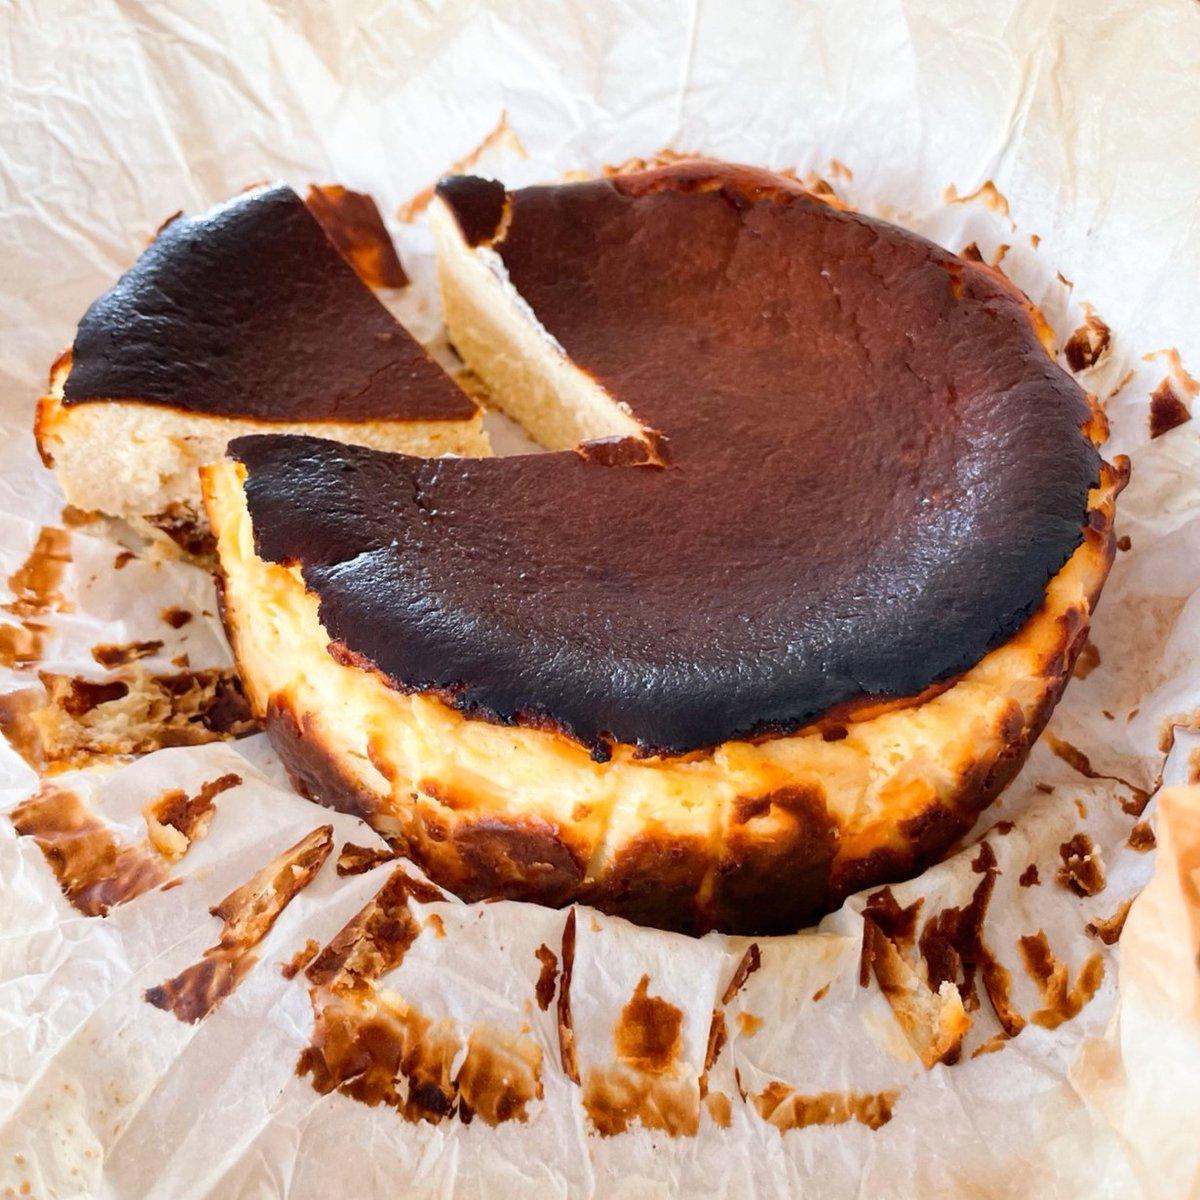 【新着記事をCHECK!】【罪深スイーツ】魅惑のとろふわ食感がたまらない……超濃厚バスクチーズケーキ!#贈り物#スイーツ#バスクチーズケーキ#チーズケーキ#エスサワダ#お取り寄せ#ippin